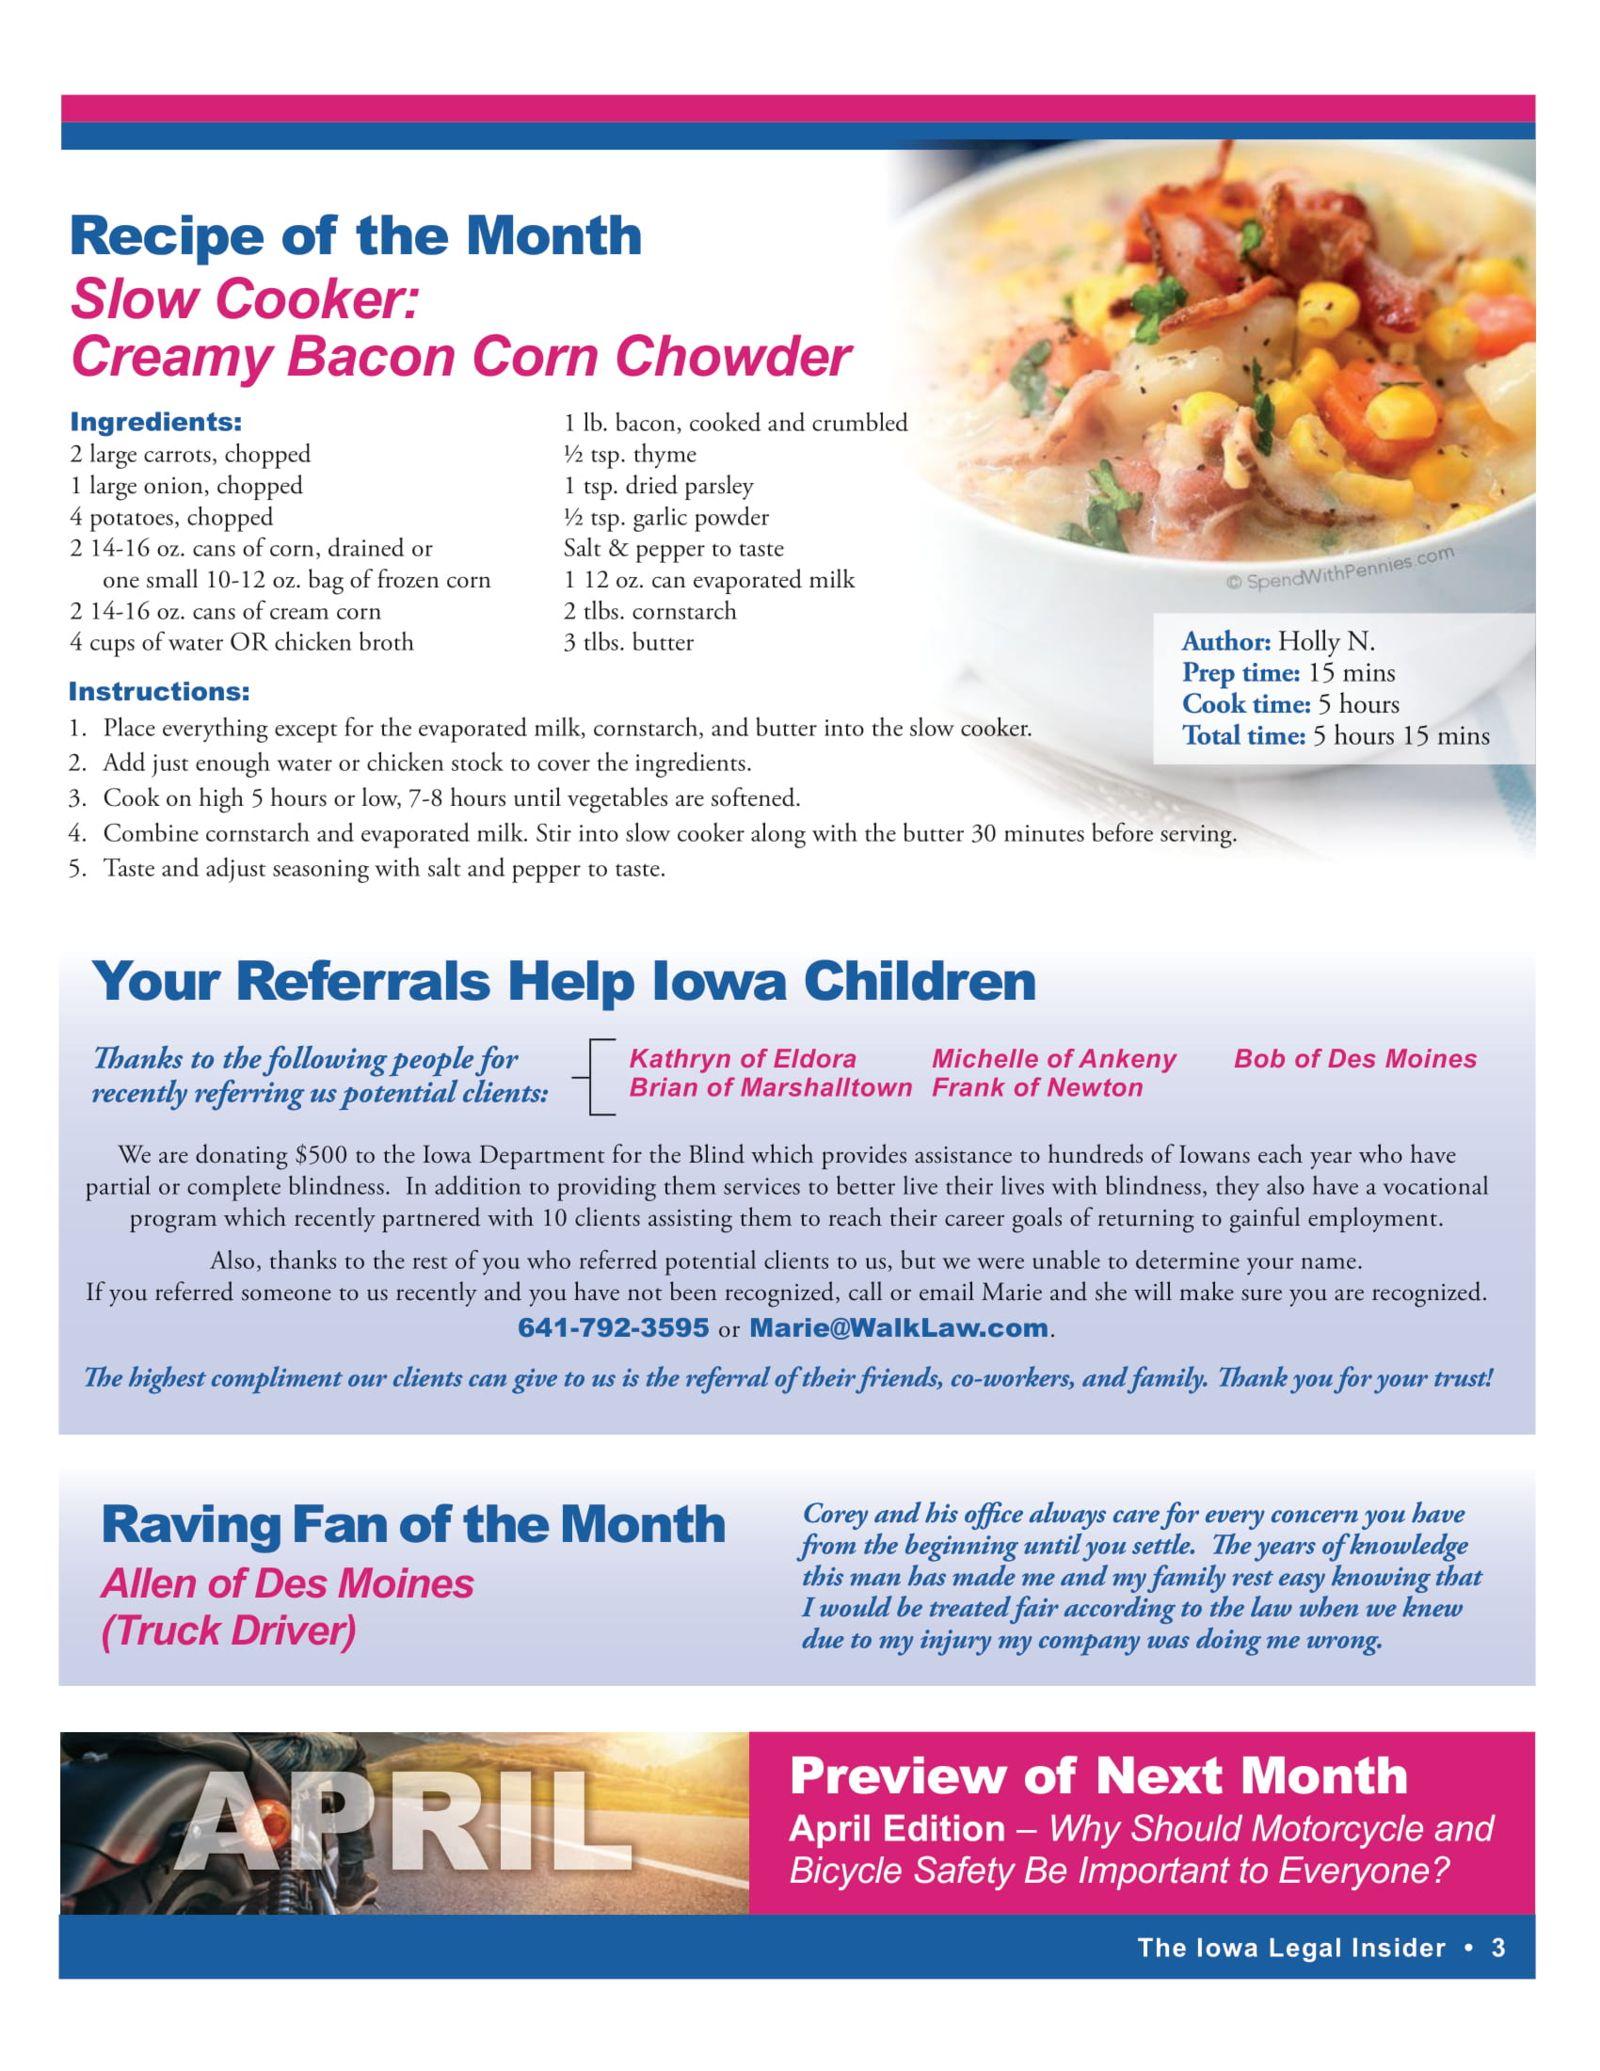 iowa legal insider bacon corn chowder recipe